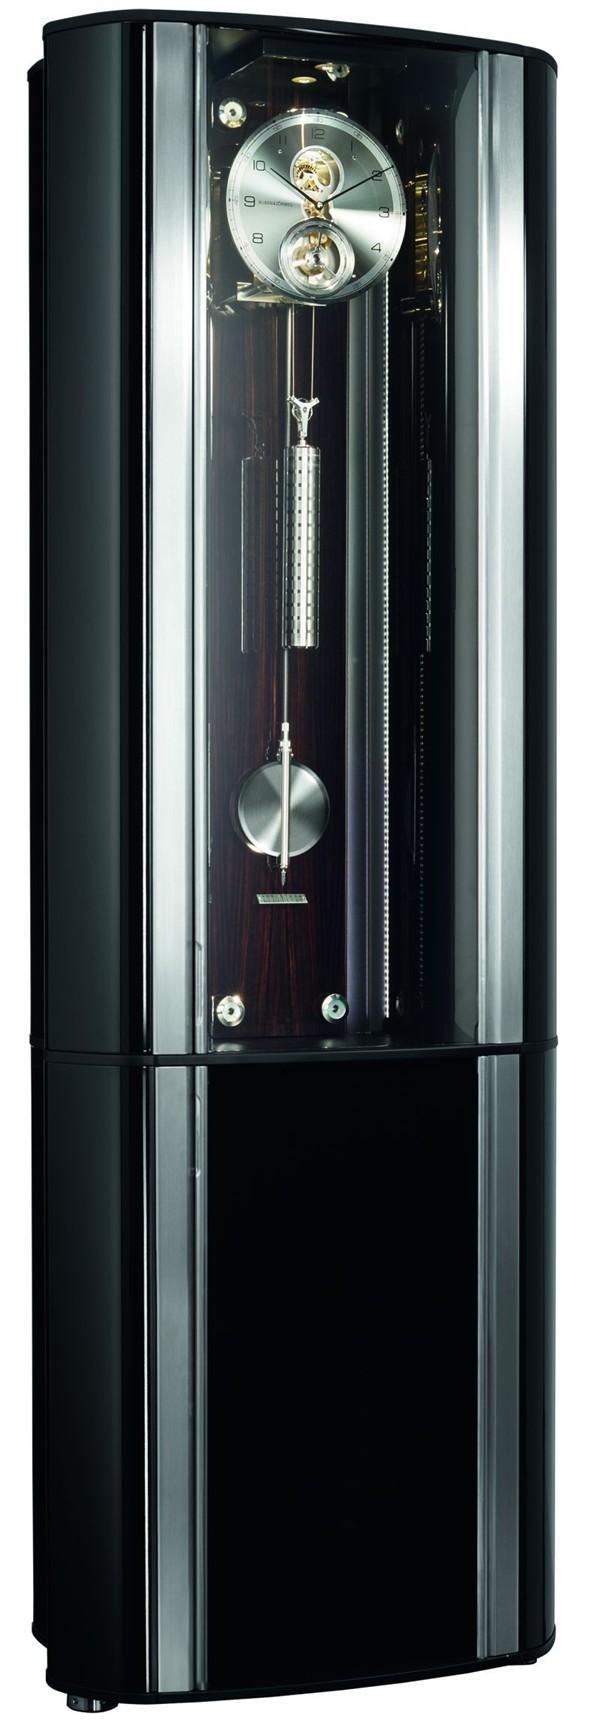 Напольные часы Buben&Zorweg с сейфом_4